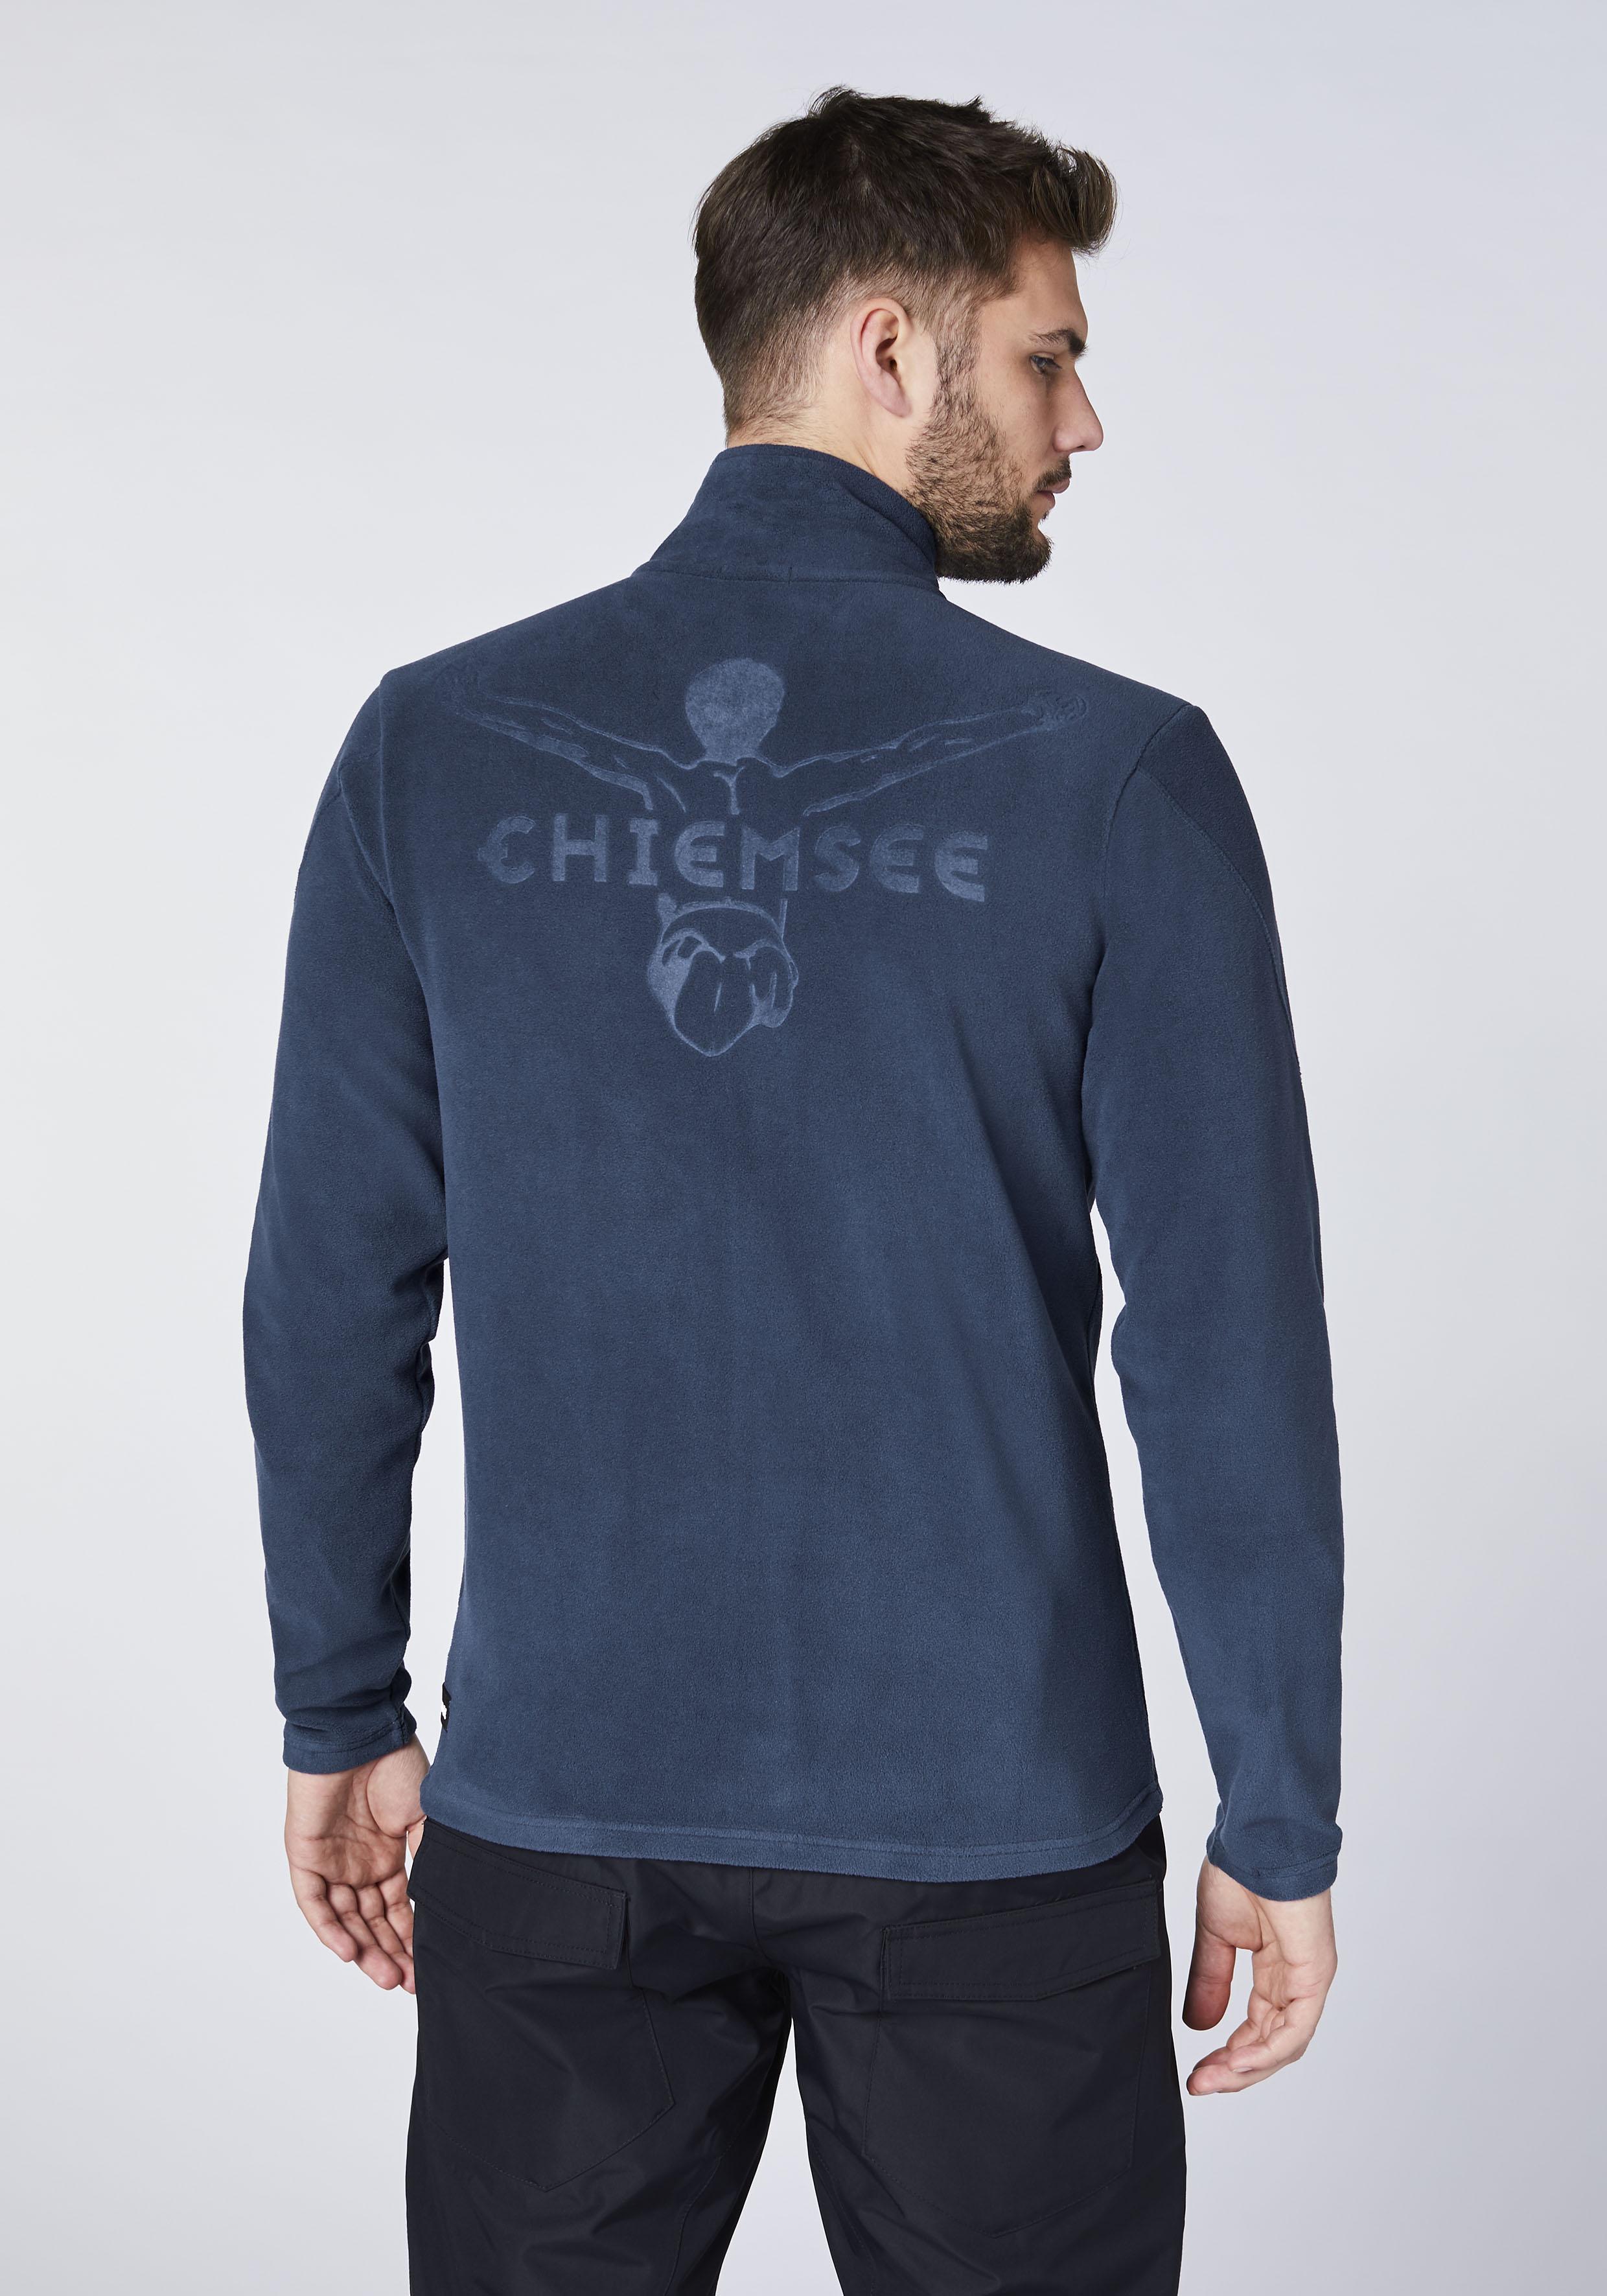 chiemsee -  Sweatjacke